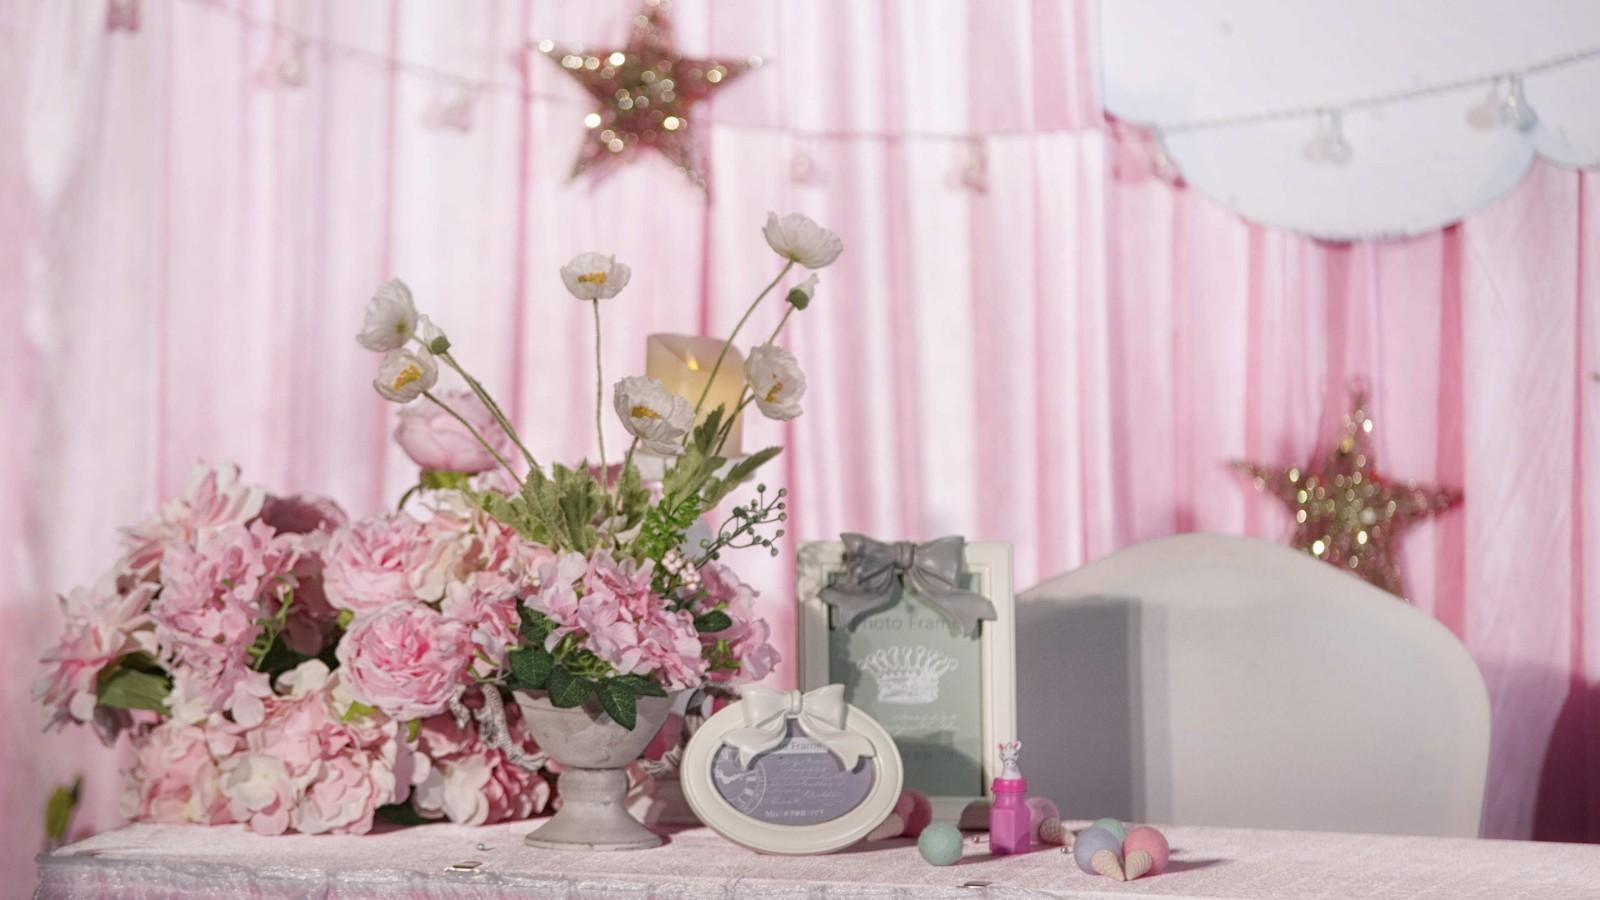 粉色主题的婚礼策划 浪漫的粉色婚礼